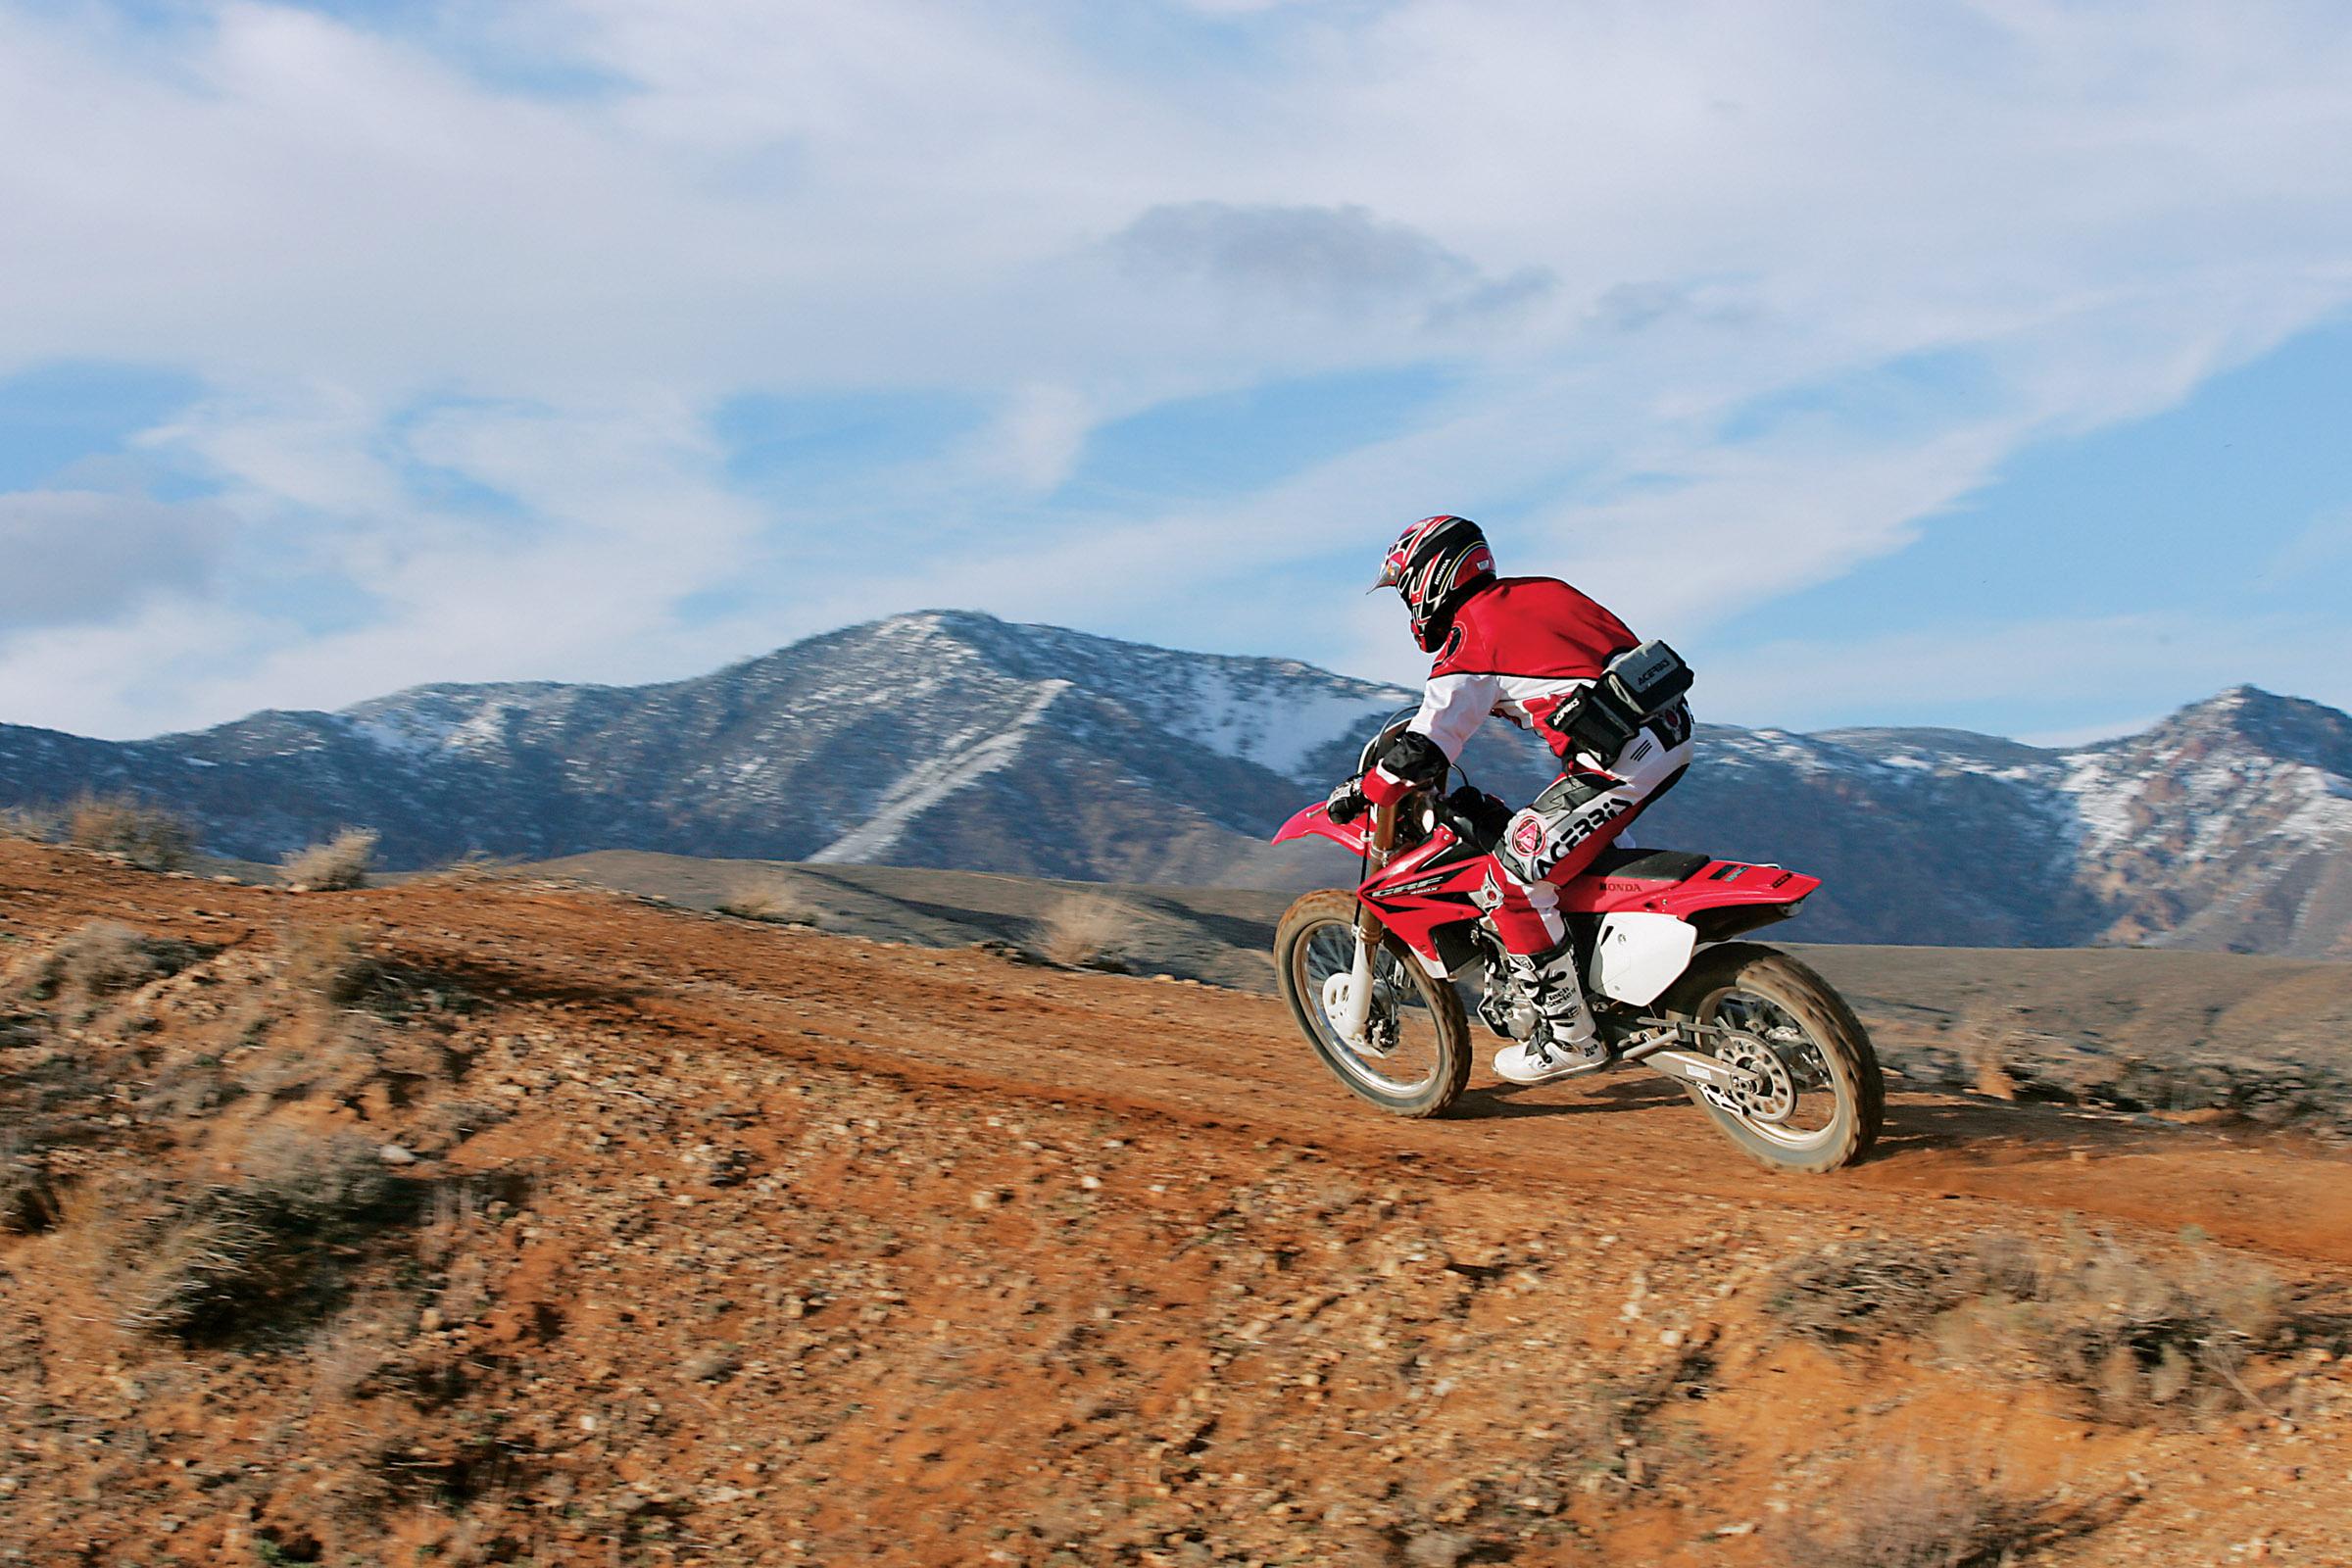 New Dirt Bikes from Honda Timbrook Honda Cumberland, MD (301